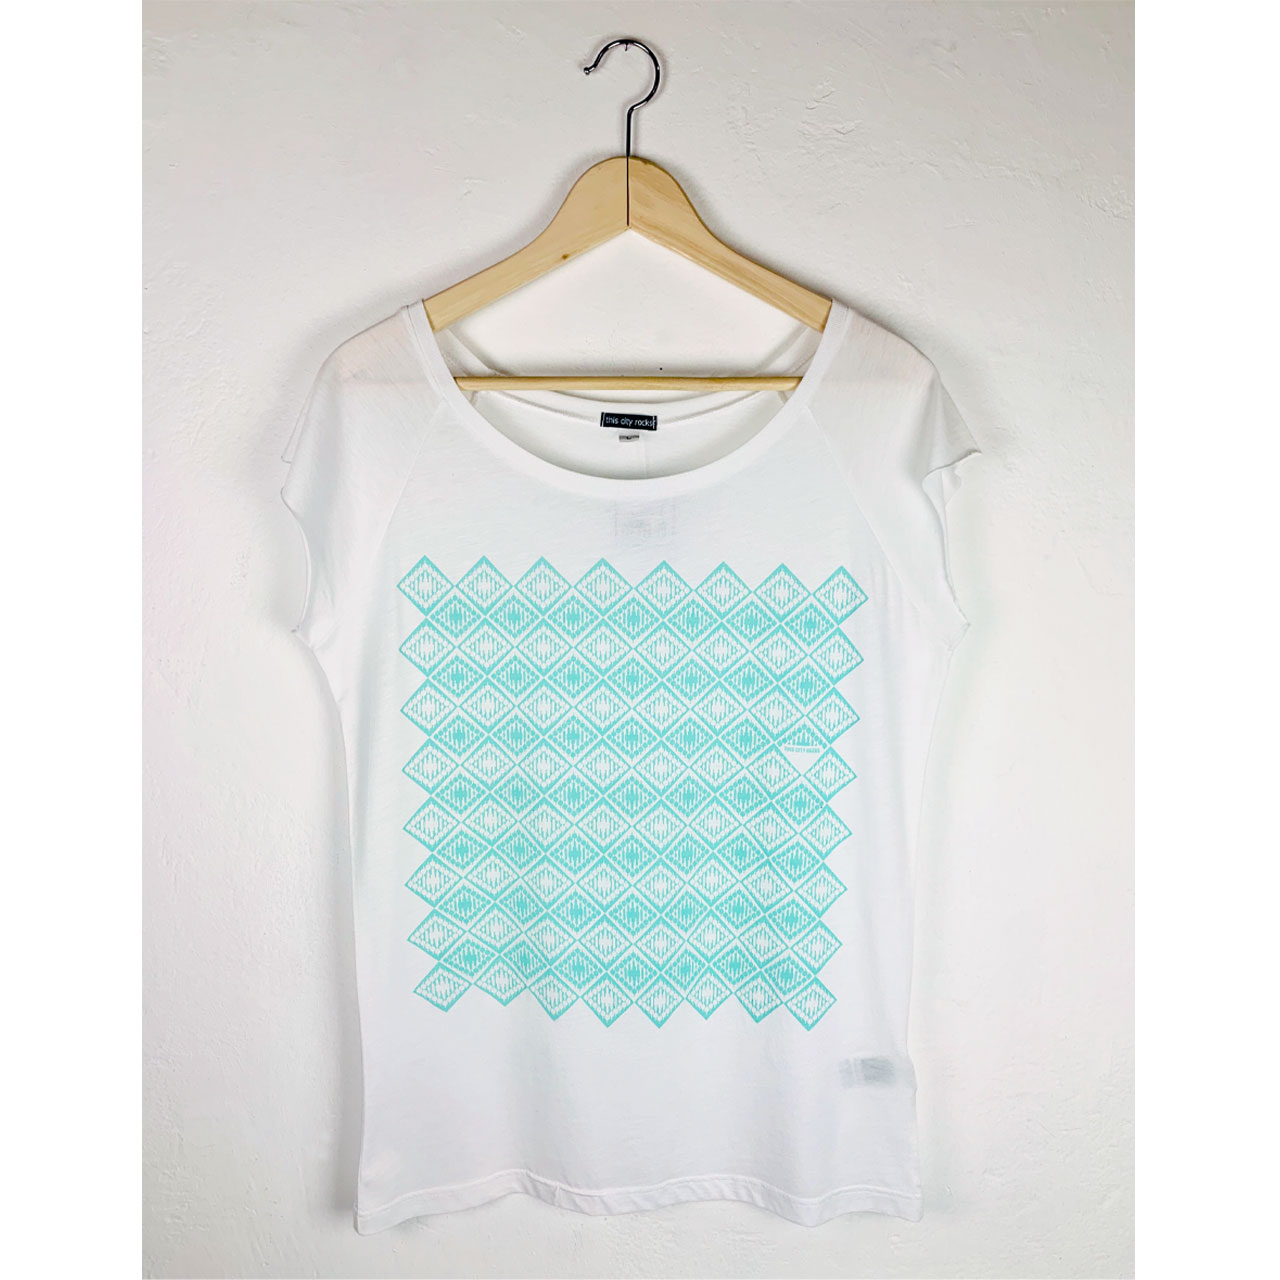 Berlin Design T-Shirt Fernsehturm mint